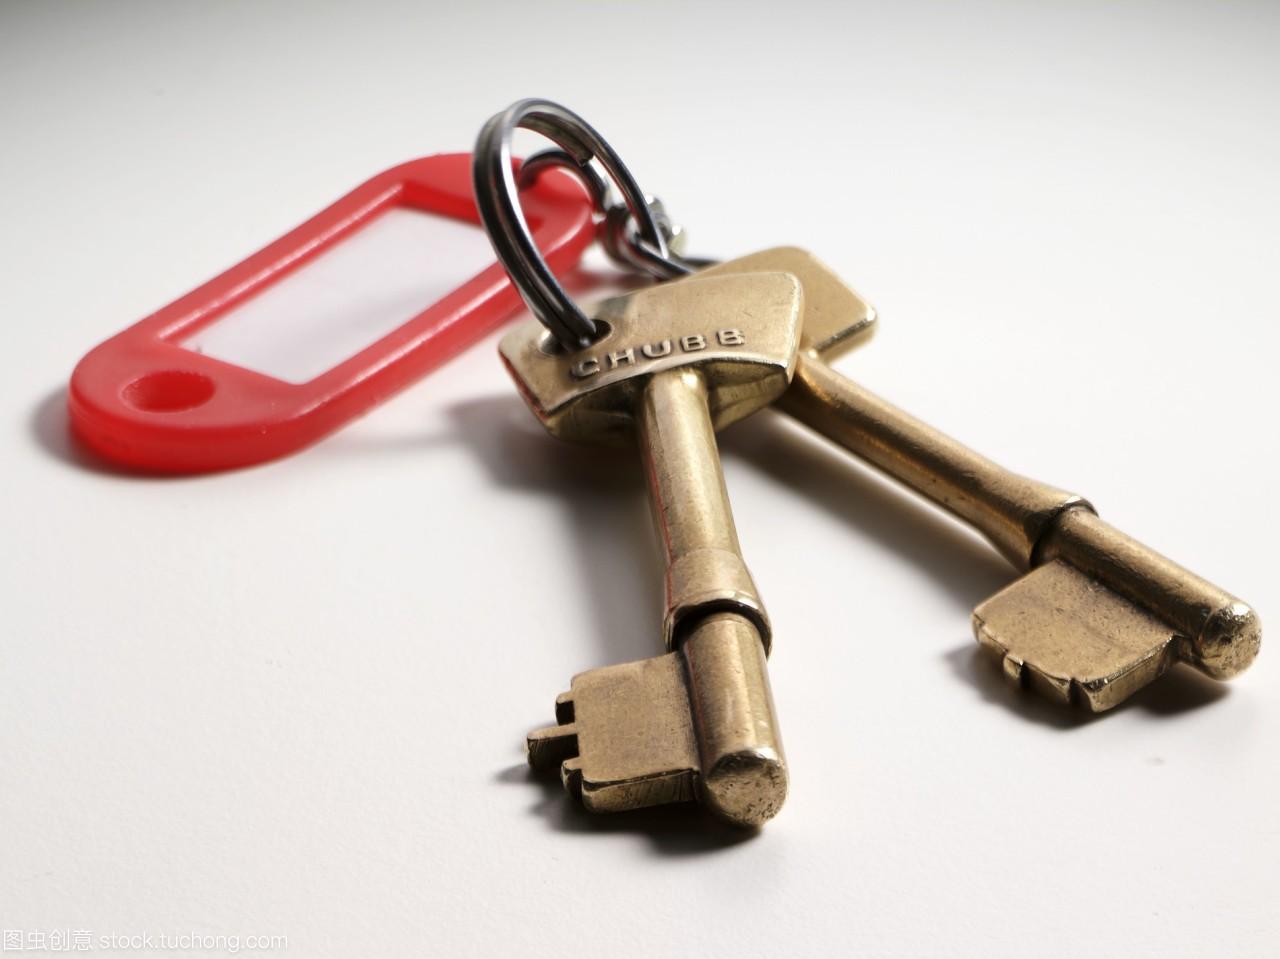 铜制品,铜,二,钥匙,两个,关键,伴侣,of,copper,on